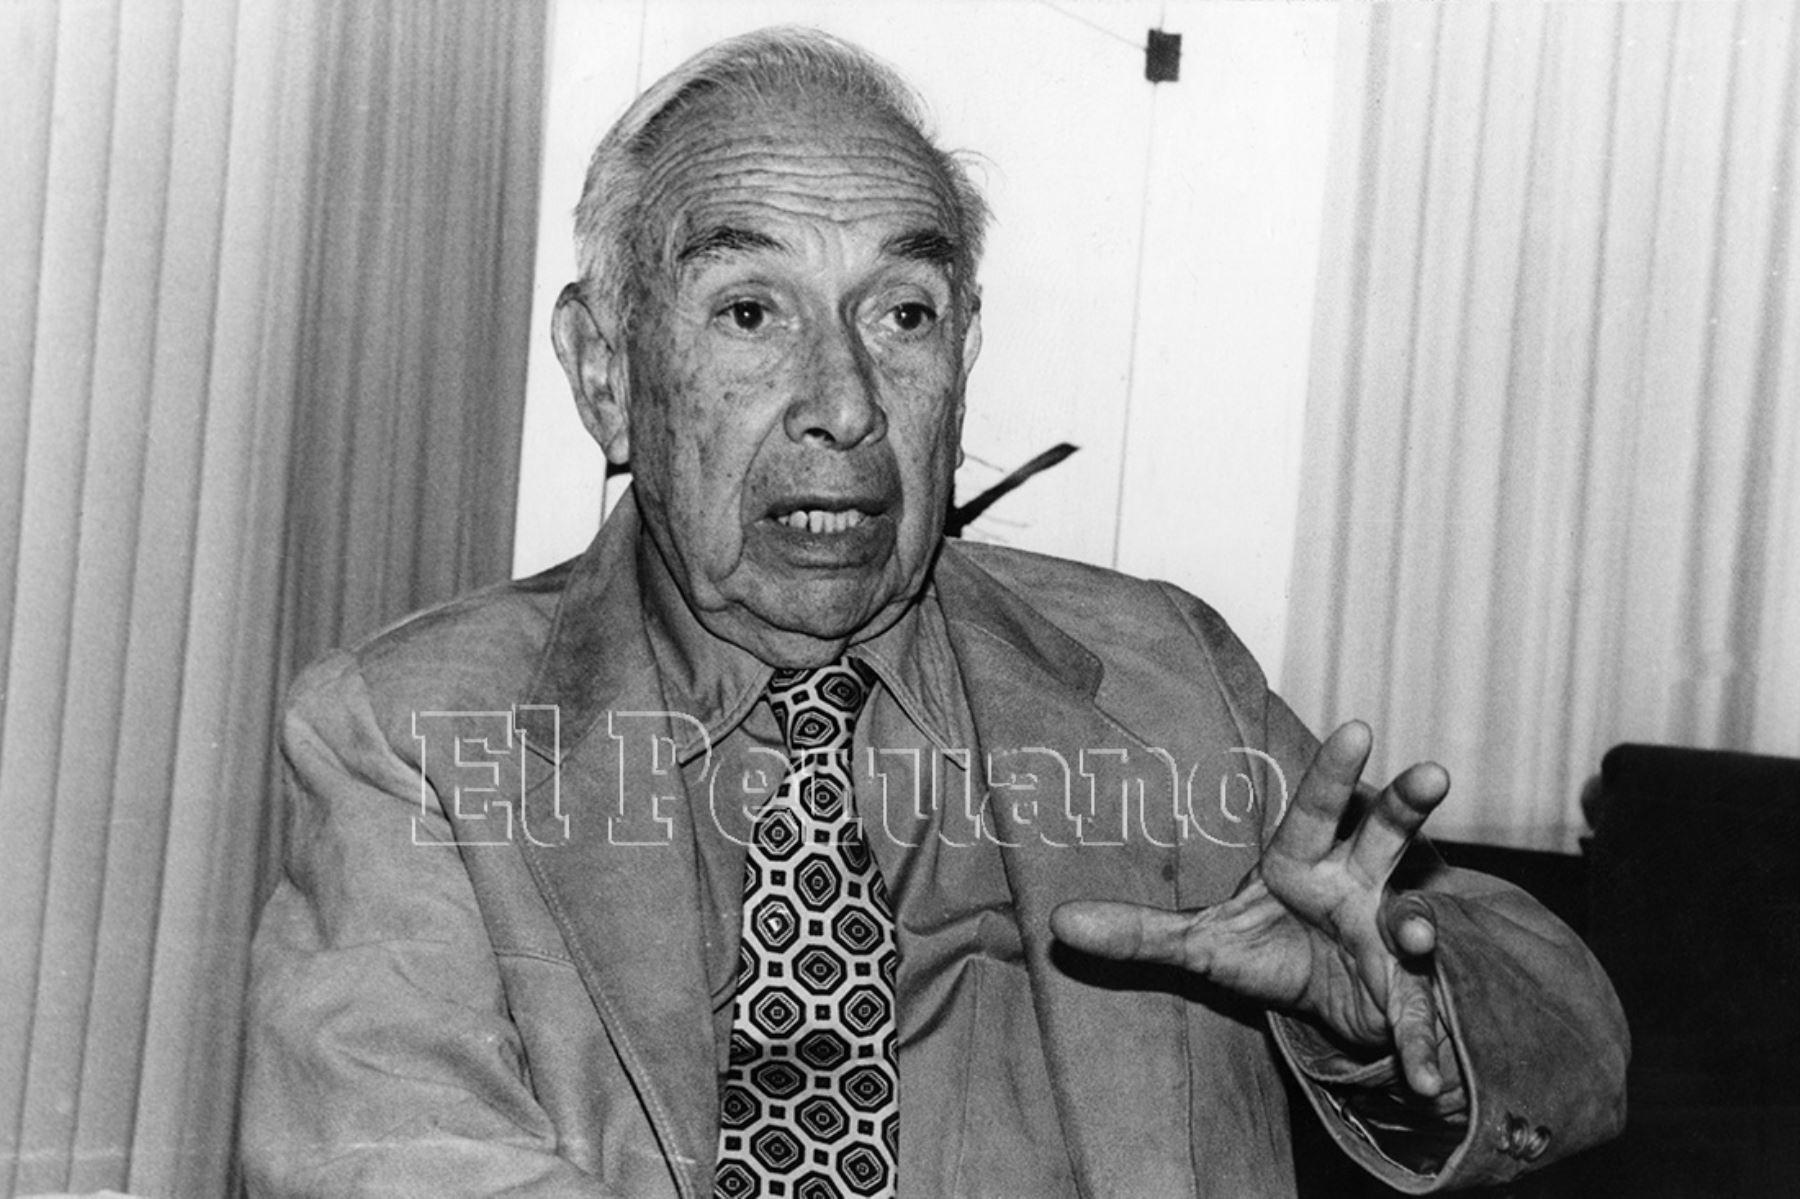 Arturo Jiménez Borja optó el título de médico-cirujano en 1943. Se dedicó a la docencia universitaria, asumiendo las cátedras de Terapéutica y Endocrinología en la Facultad de Medicina de San Fernando. Alternó el ejercicio de su profesión con la investigación de sitios arqueológicos como Puruchuco y Pachacámac.  Foto: Archivo Histórico de EL PERUANO (Lima, 1991)